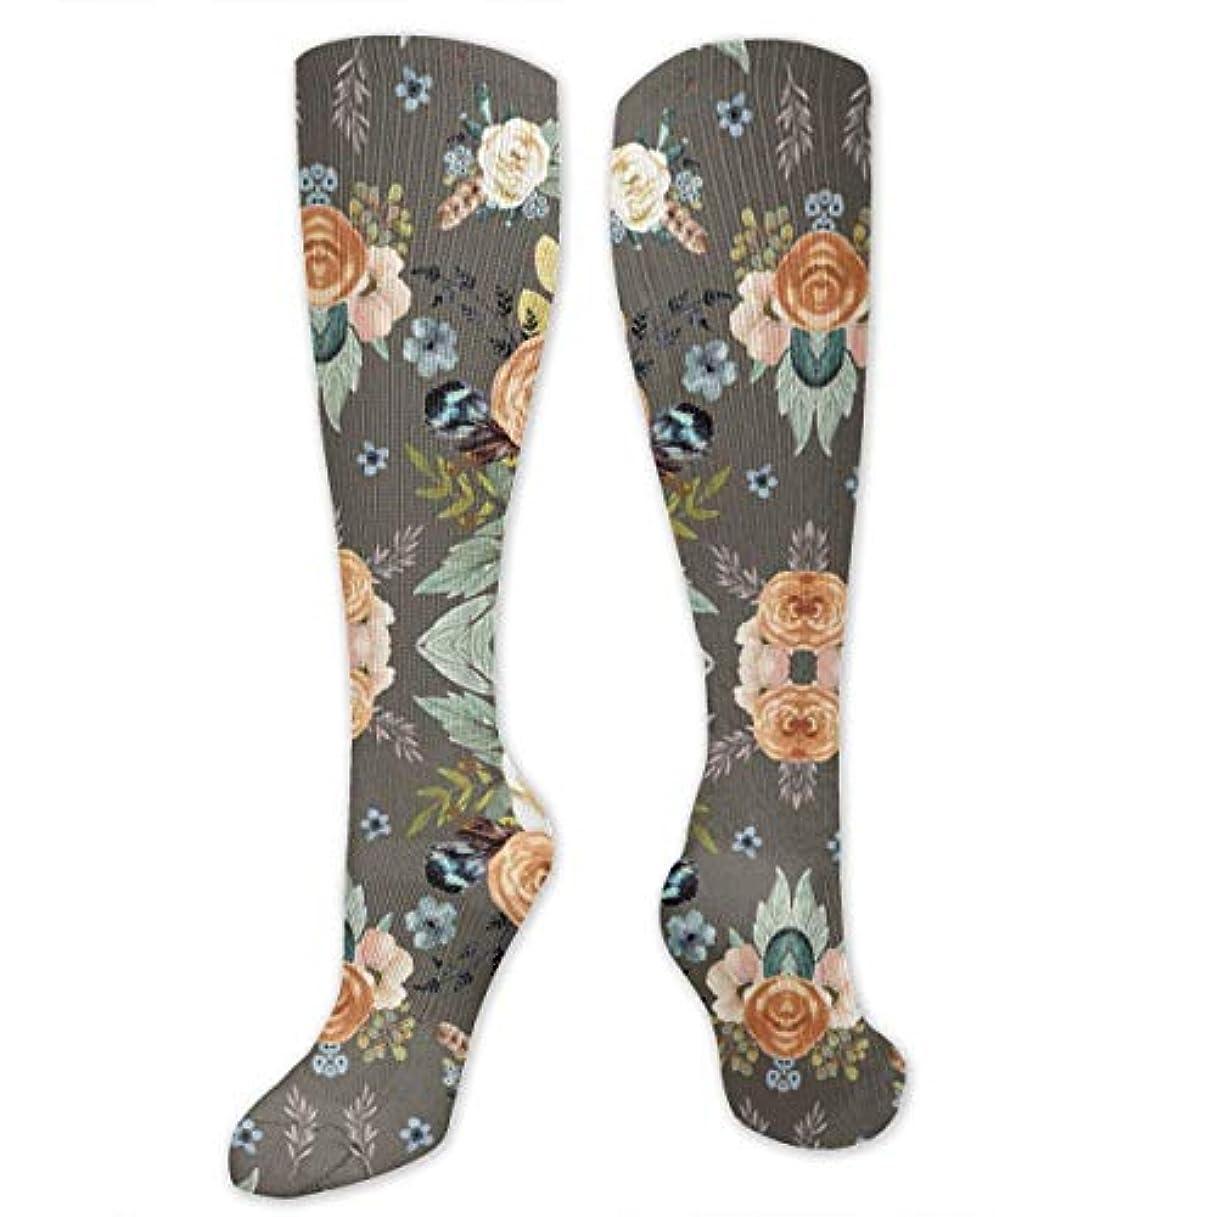 ファイバ小麦電話靴下,ストッキング,野生のジョーカー,実際,秋の本質,冬必須,サマーウェア&RBXAA Western Autumn More Florals Taupe Socks Women's Winter Cotton Long...